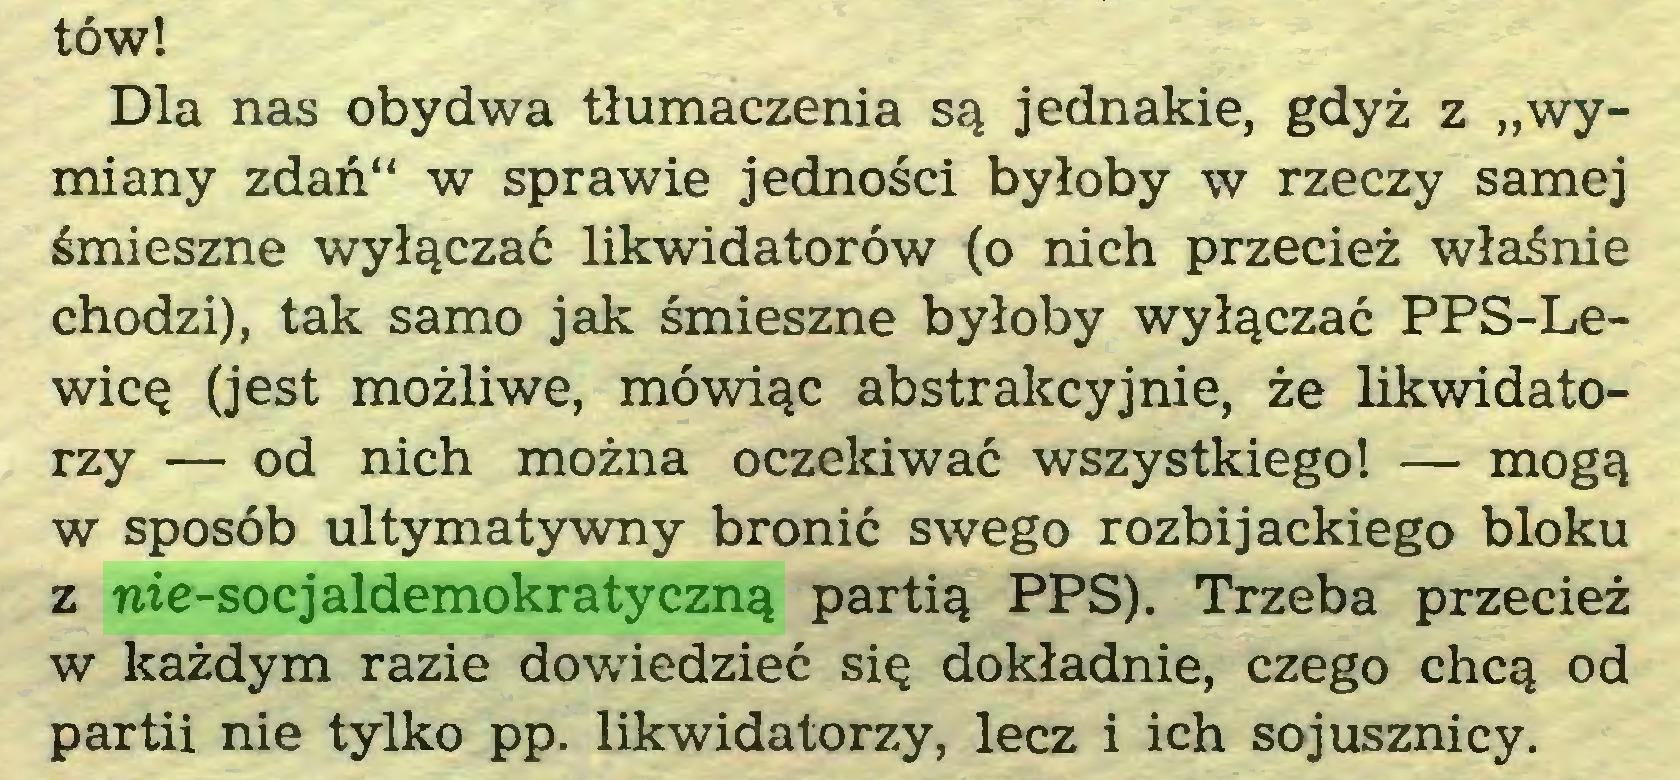 """(...) tów! Dla nas obydwa tłumaczenia są jednakie, gdyż z """"wymiany zdań"""" w sprawie jedności byłoby w rzeczy samej śmieszne wyłączać likwidatorów (o nich przecież właśnie chodzi), tak samo jak śmieszne byłoby wyłączać PPS-Lewicę (jest możliwe, mówiąc abstrakcyjnie, że likwidatorzy — od nich można oczekiwać wszystkiego! — mogą w sposób ultymatywny bronić swego rozbij ackiego bloku z nie-socjaldemokratyczną partią PPS). Trzeba przecież w każdym razie dowiedzieć się dokładnie, czego chcą od partii nie tylko pp. likwidatorzy, lecz i ich sojusznicy..."""